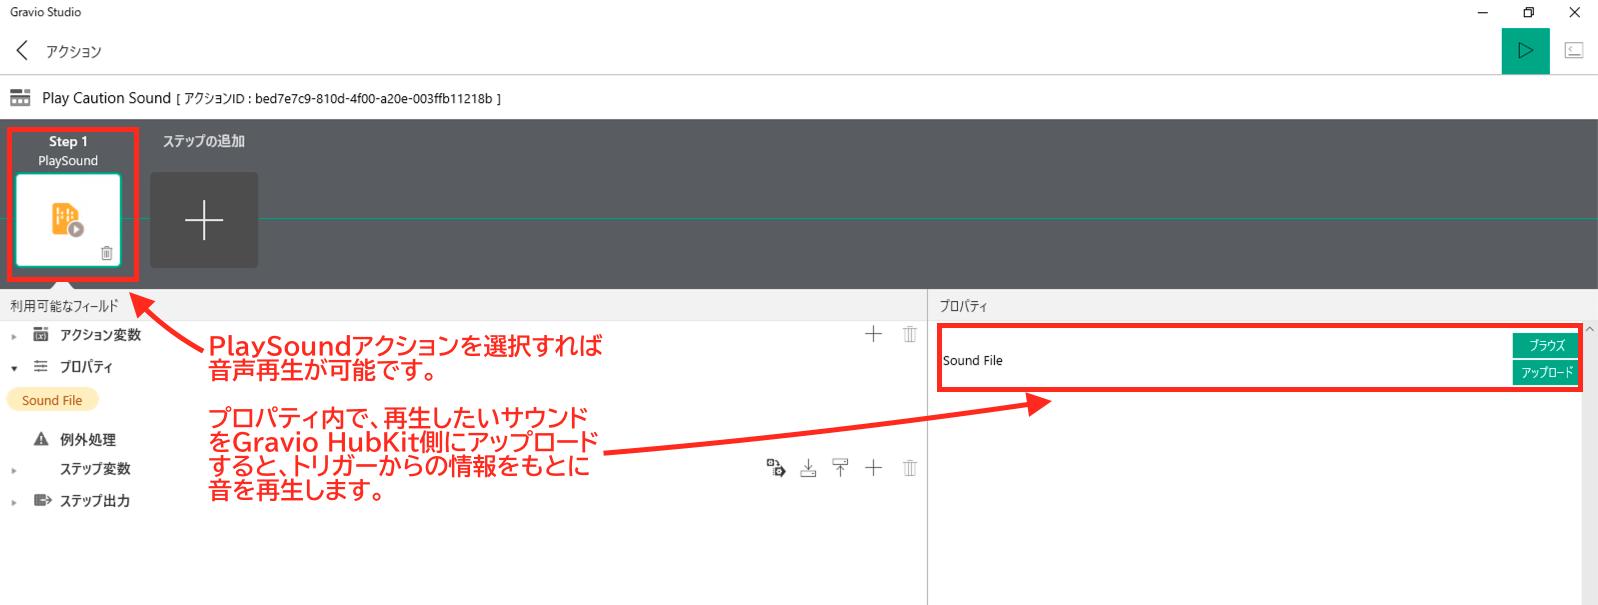 アクション/Play Caution Sound【Step1】PlaySound(再生したいサウンドをアップロード、選択)